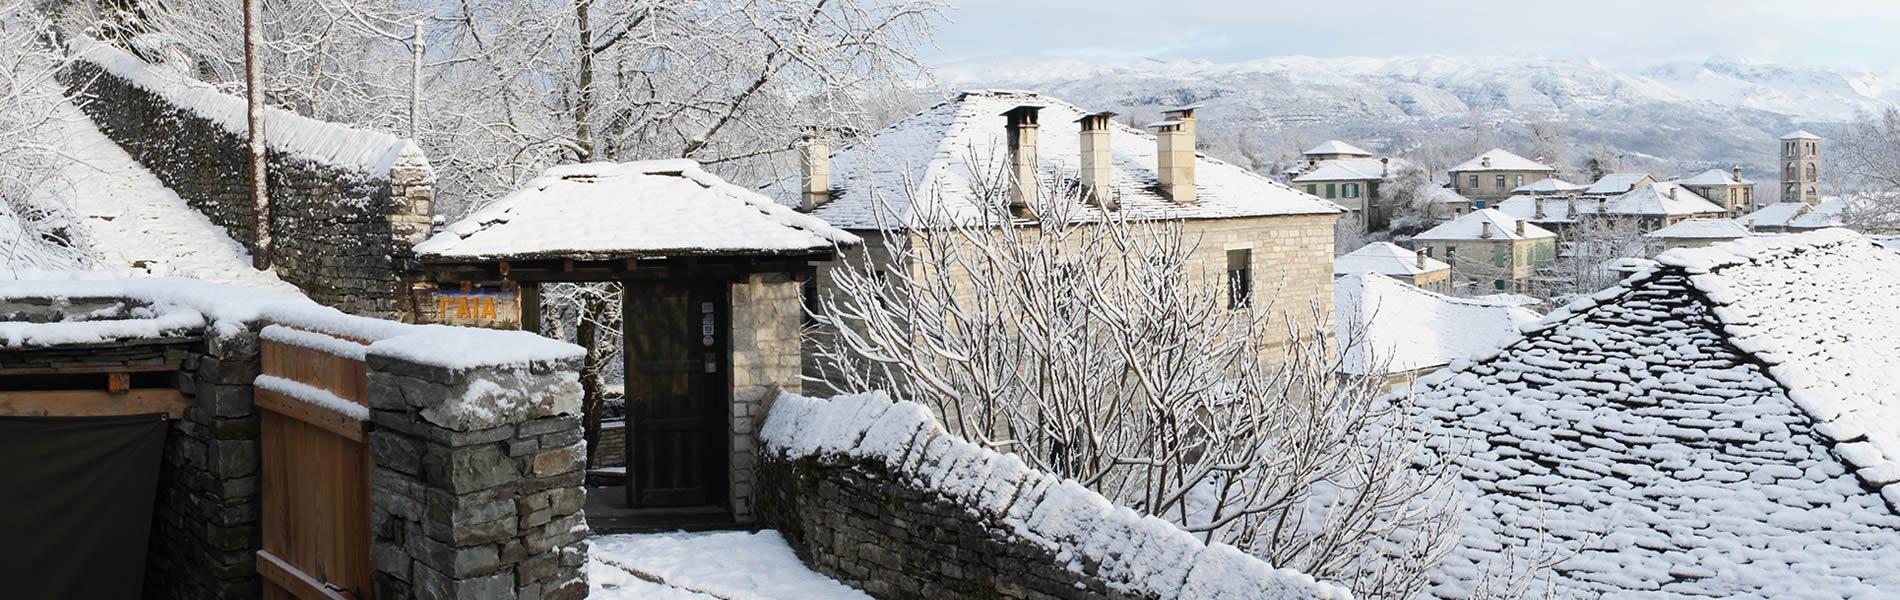 Το Δίλοφο χιονισμένο